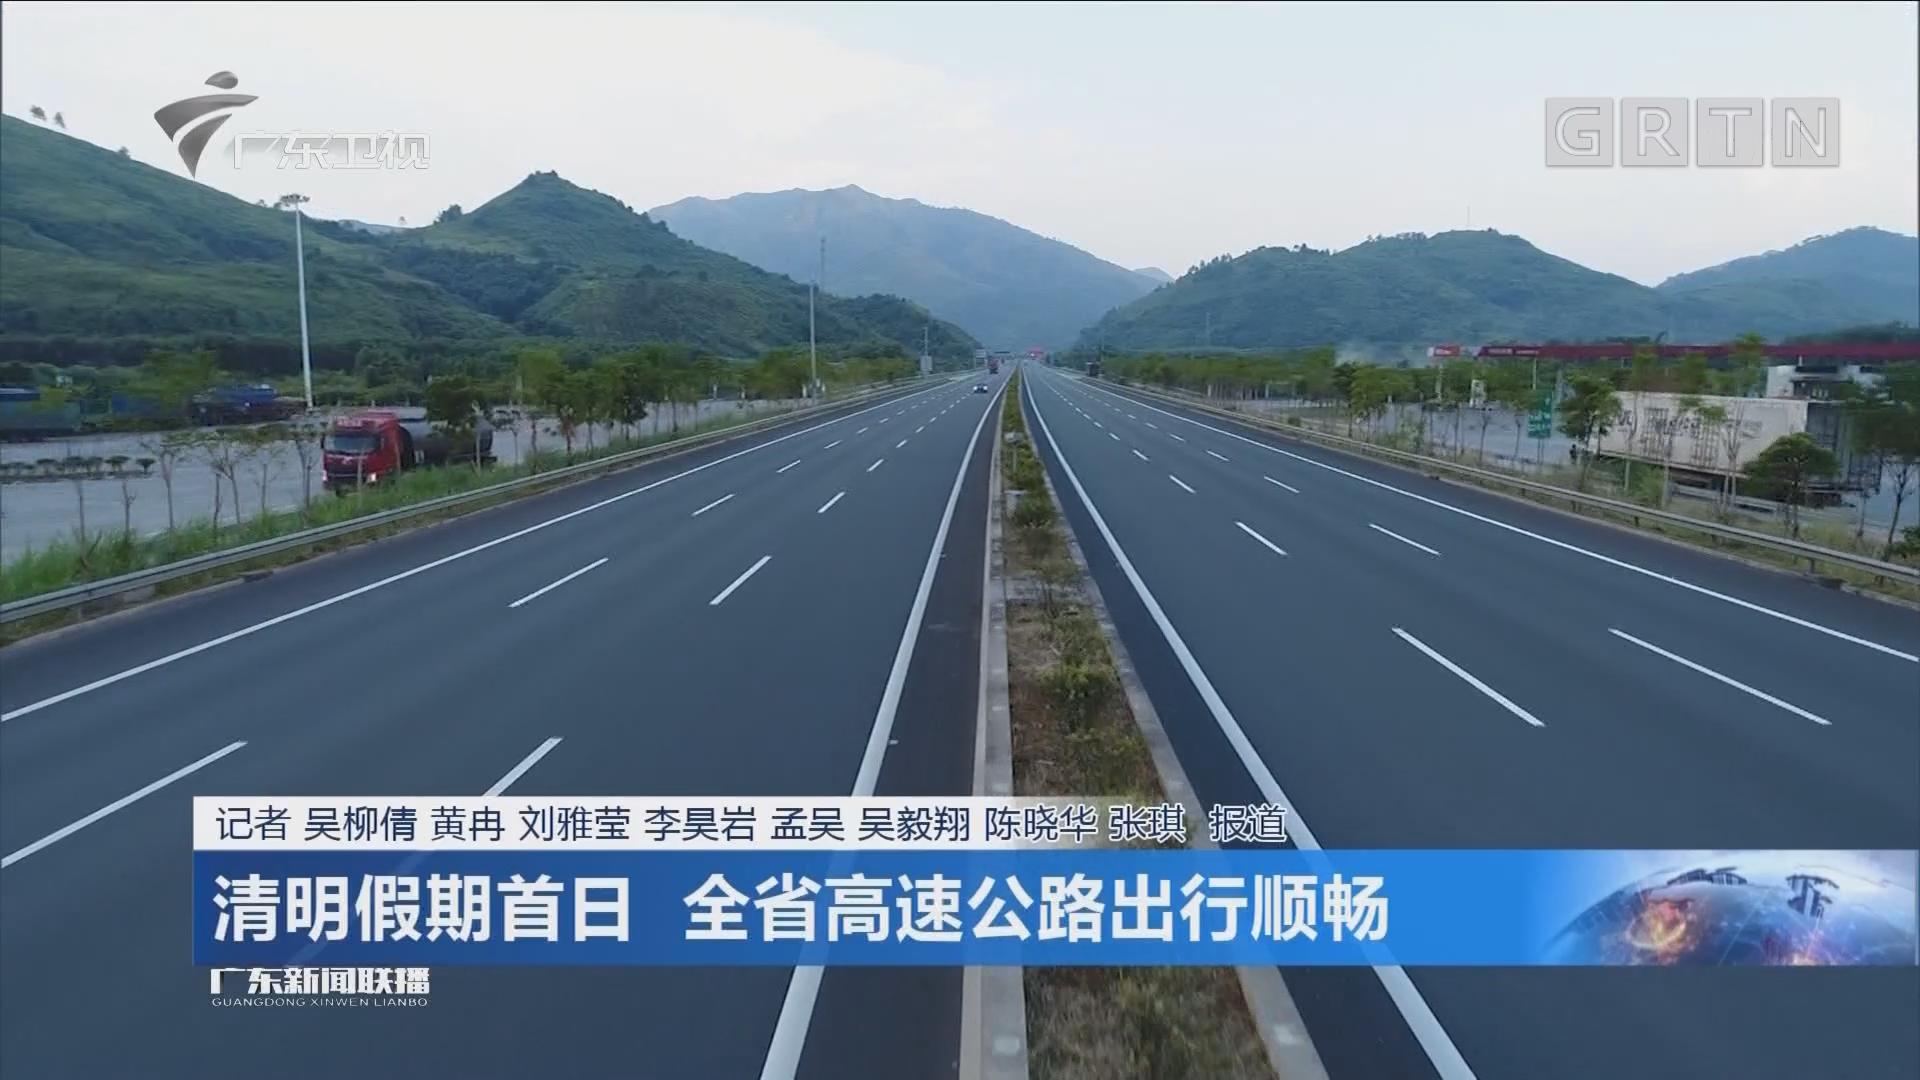 清明假期首日 全省高速公路出行顺畅